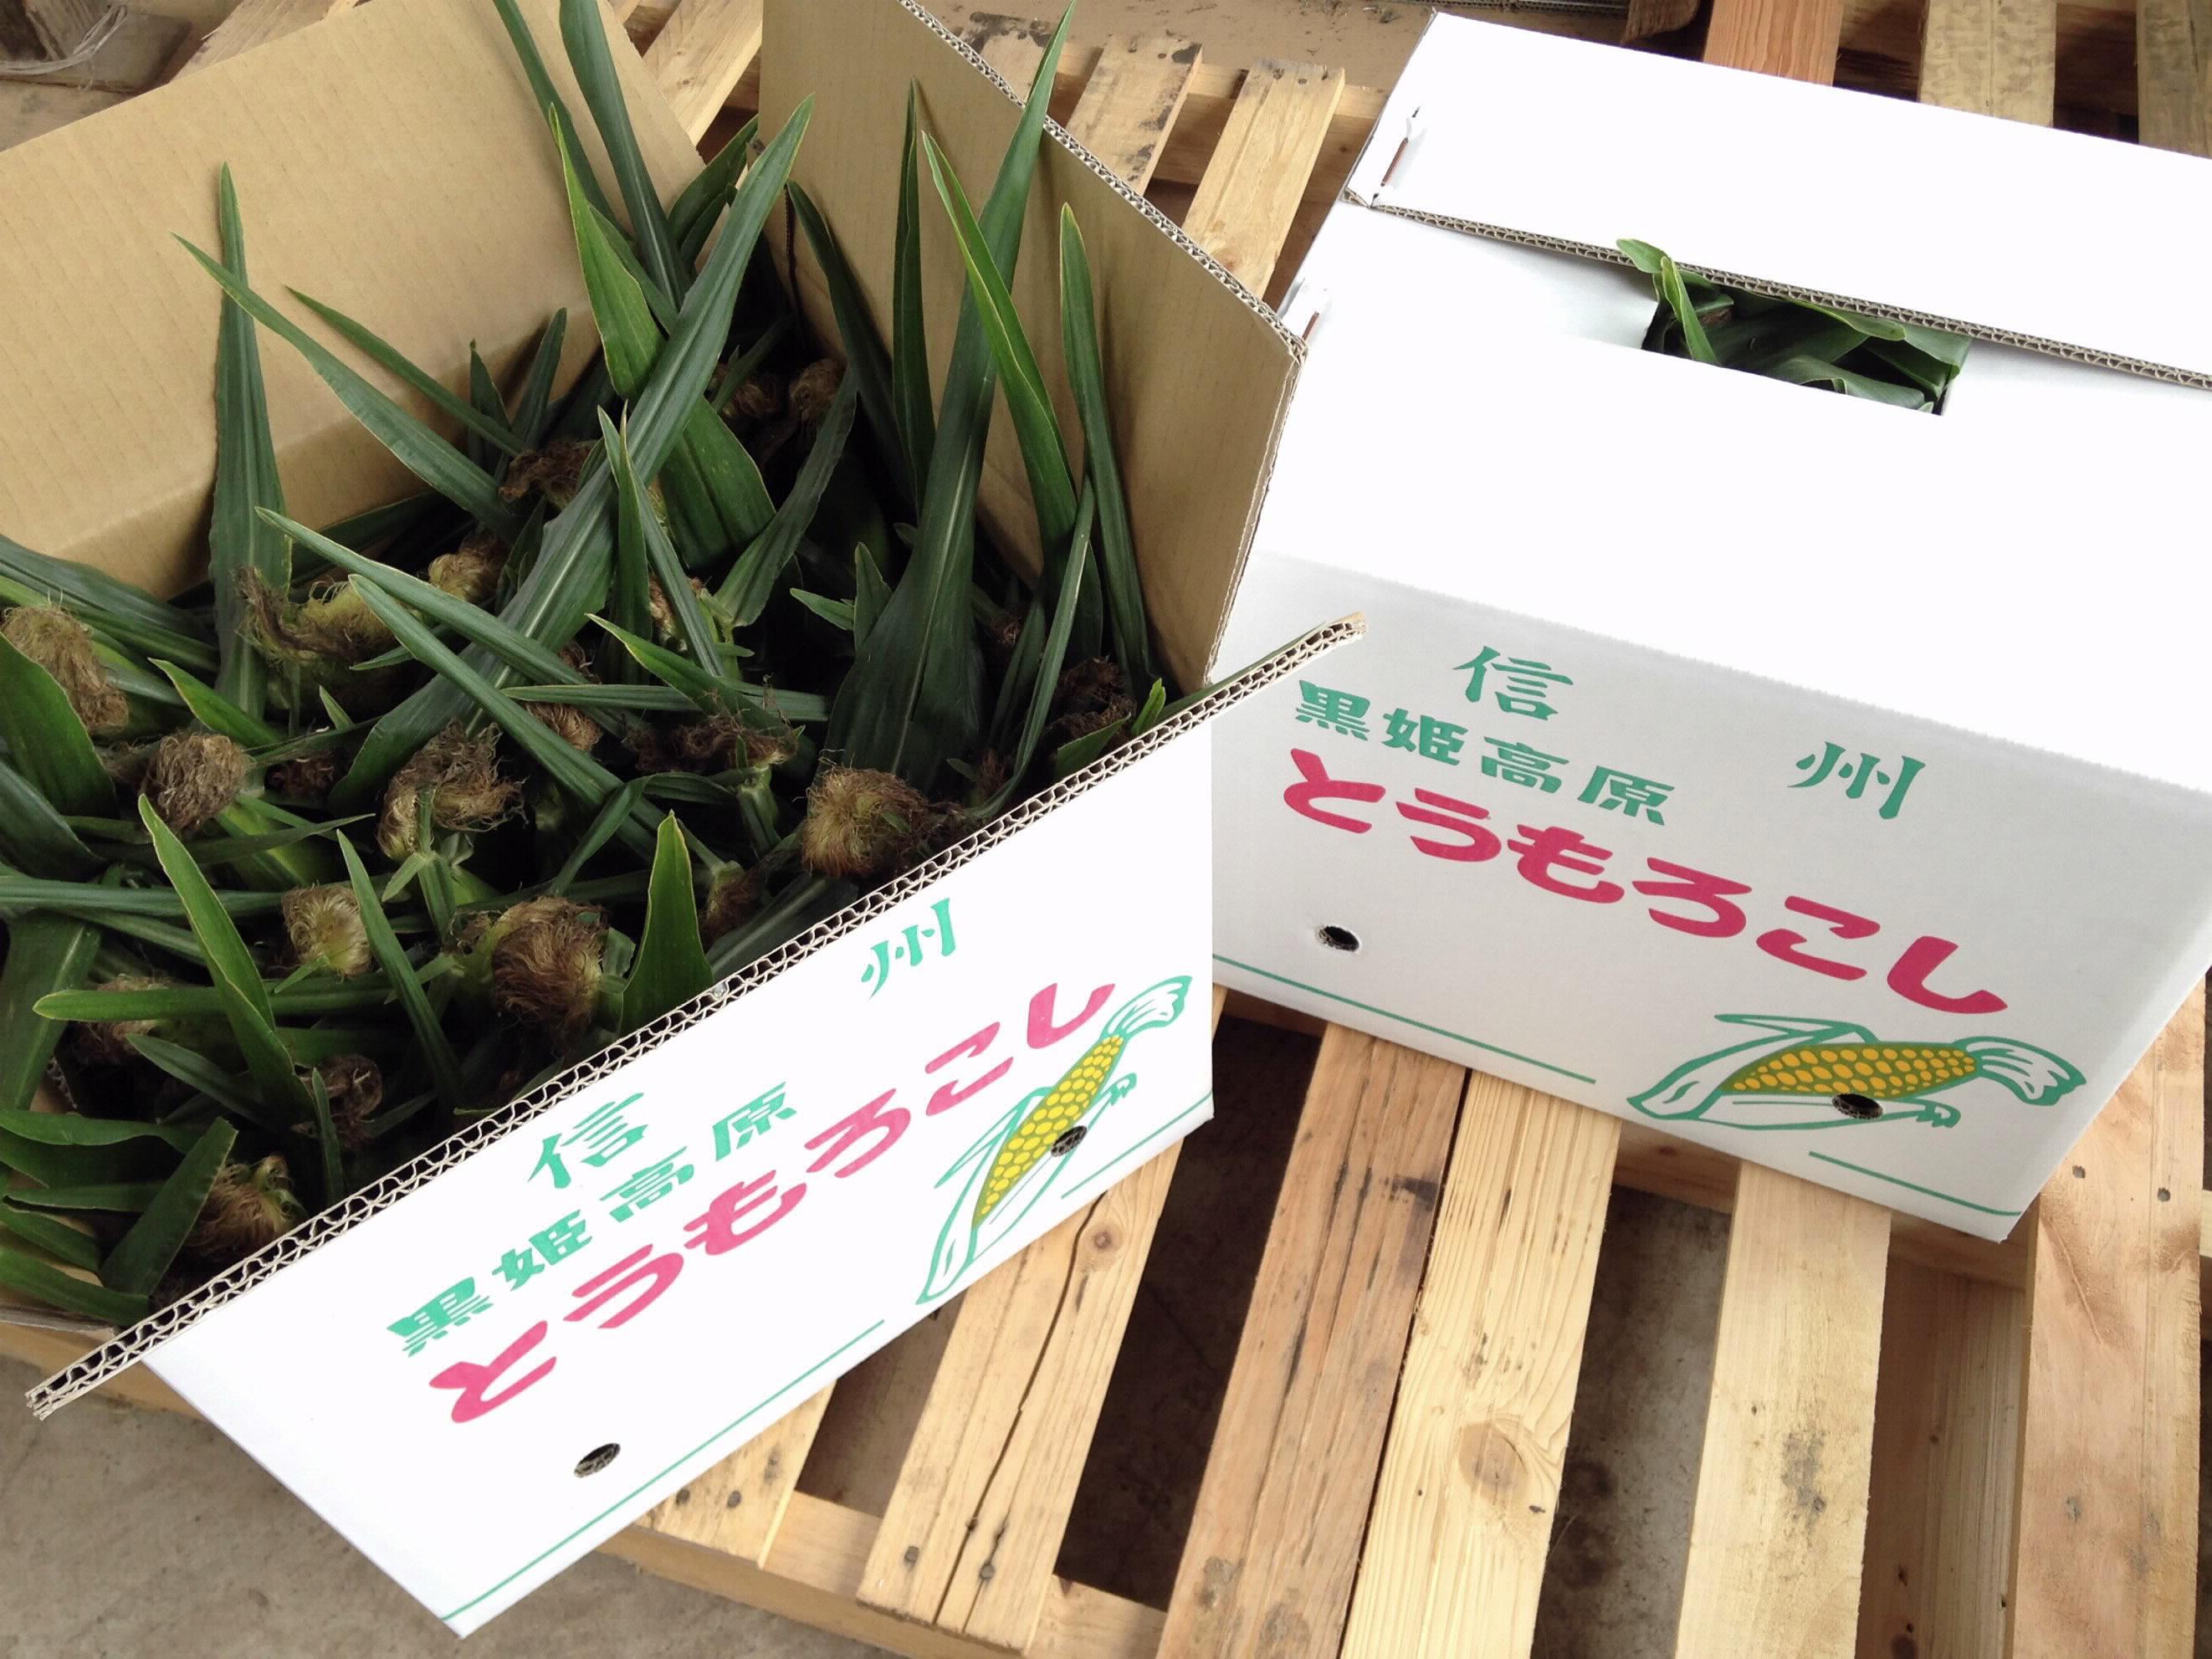 71.小林農園のとうもろこし(サニーショコラ27本+α) 7月から8月中旬まで季節限定